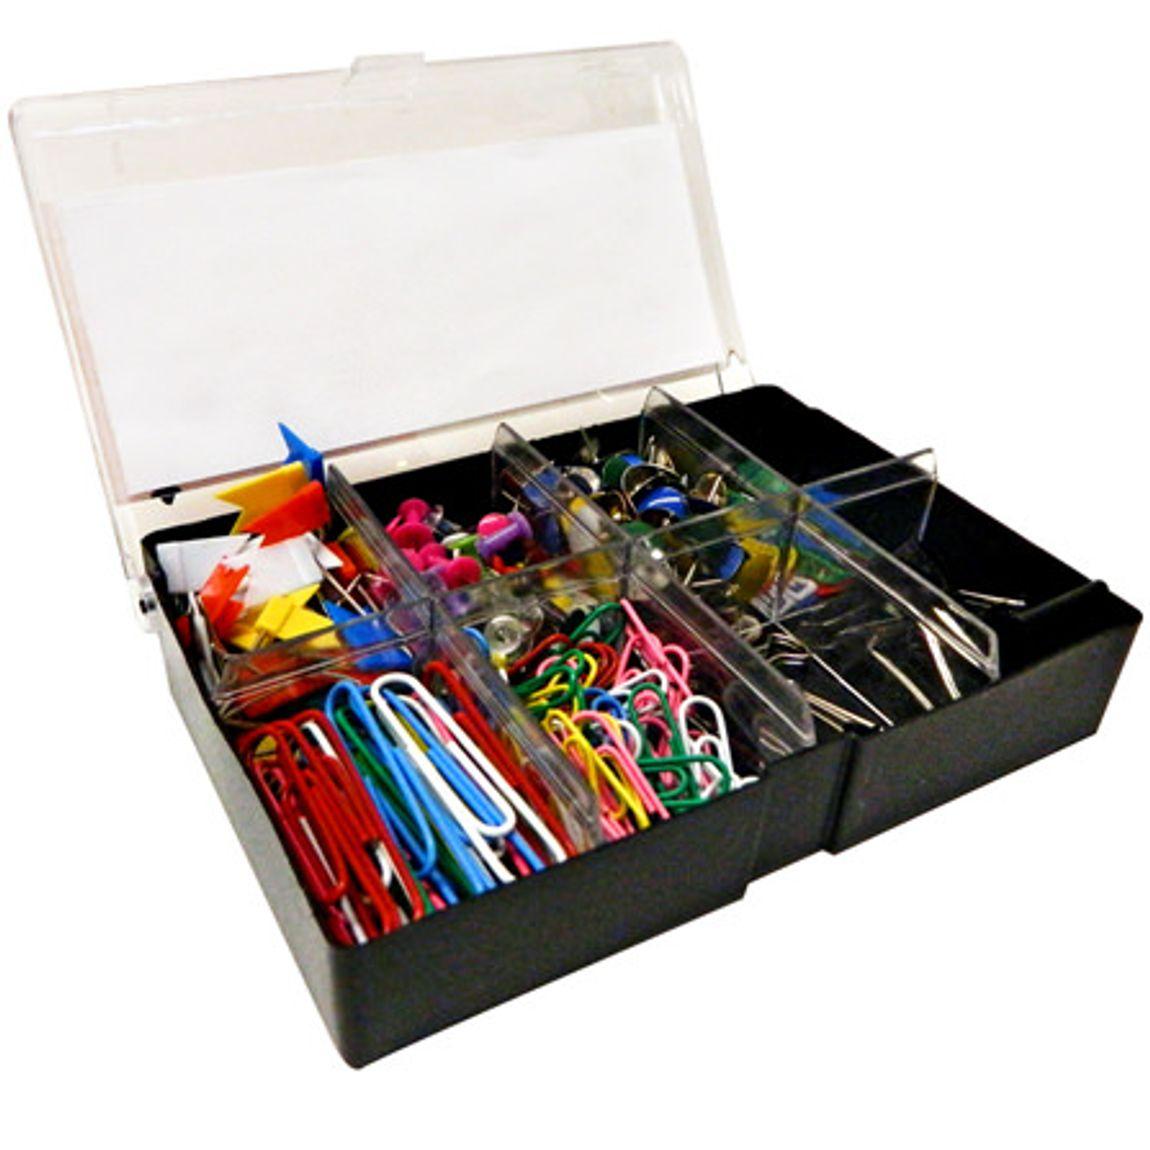 Caja de Accesorios (Pin/Clips,Chinches, Sujetadocumentos) OFFICE MAX GRATIS RECOLECCION EN TIENDA